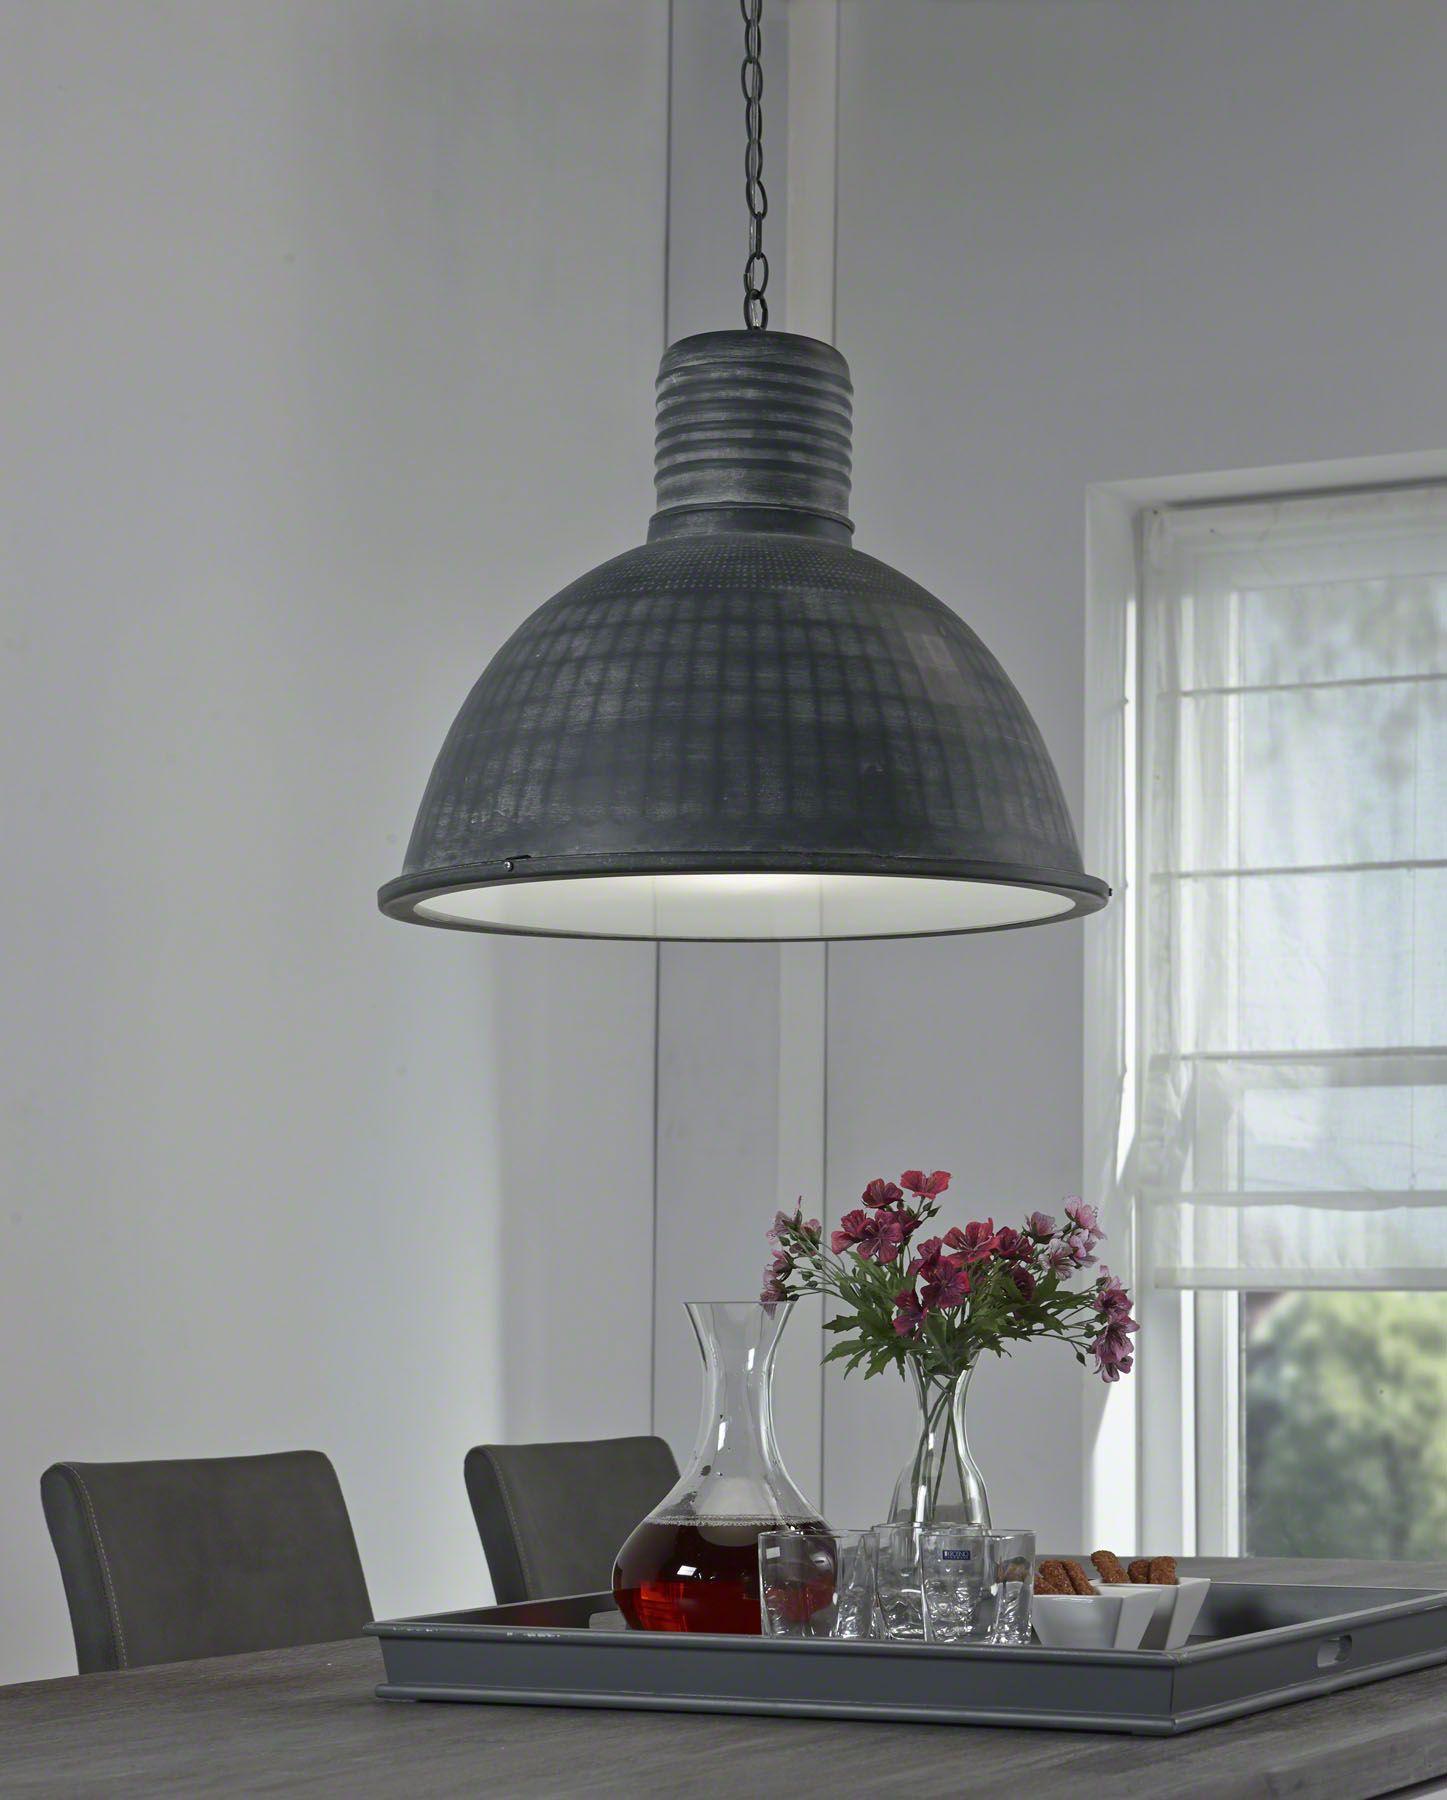 Hanglamp Sole Industry van DaViDi Design is nu te koop op ...